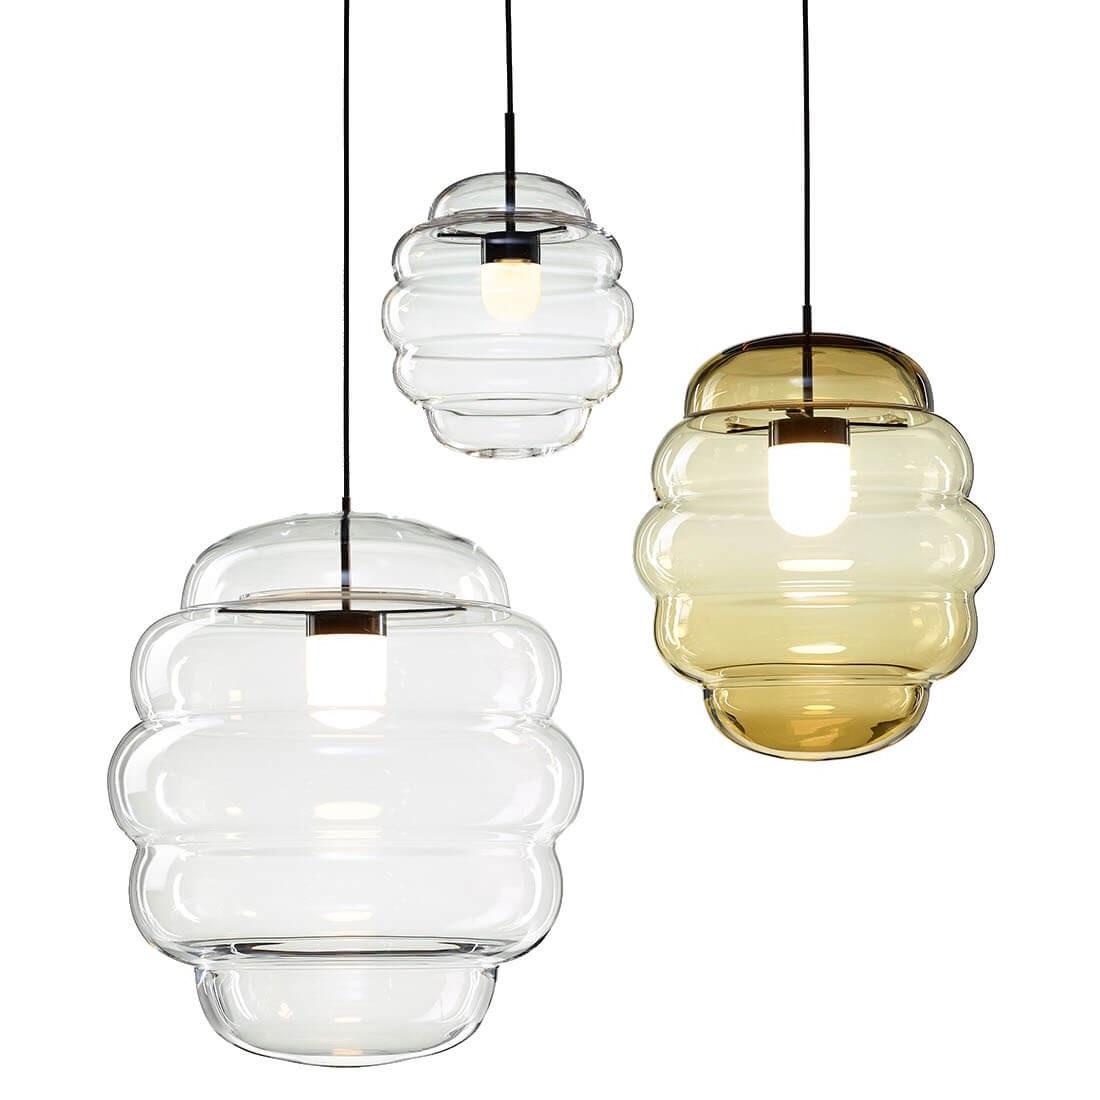 Designová závěsná svítidla Blimp Pendant